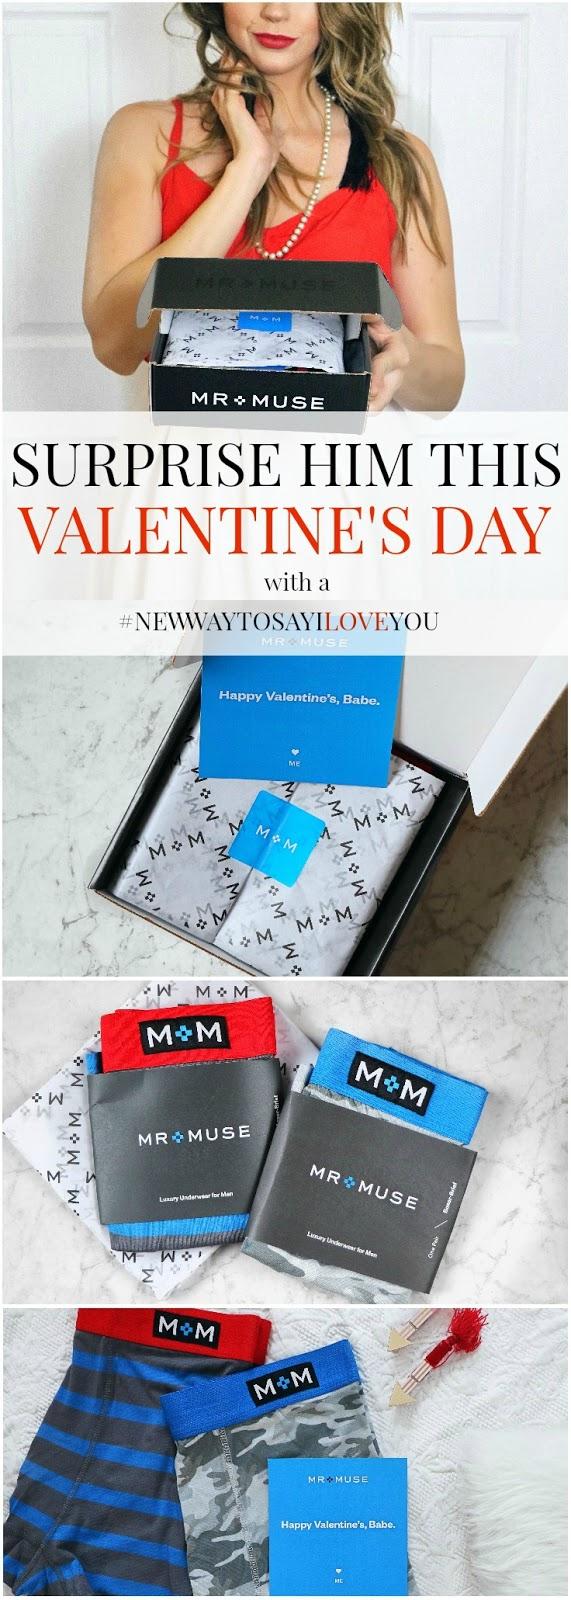 Best Luxury Valentine's Day Gift Ideas For Him